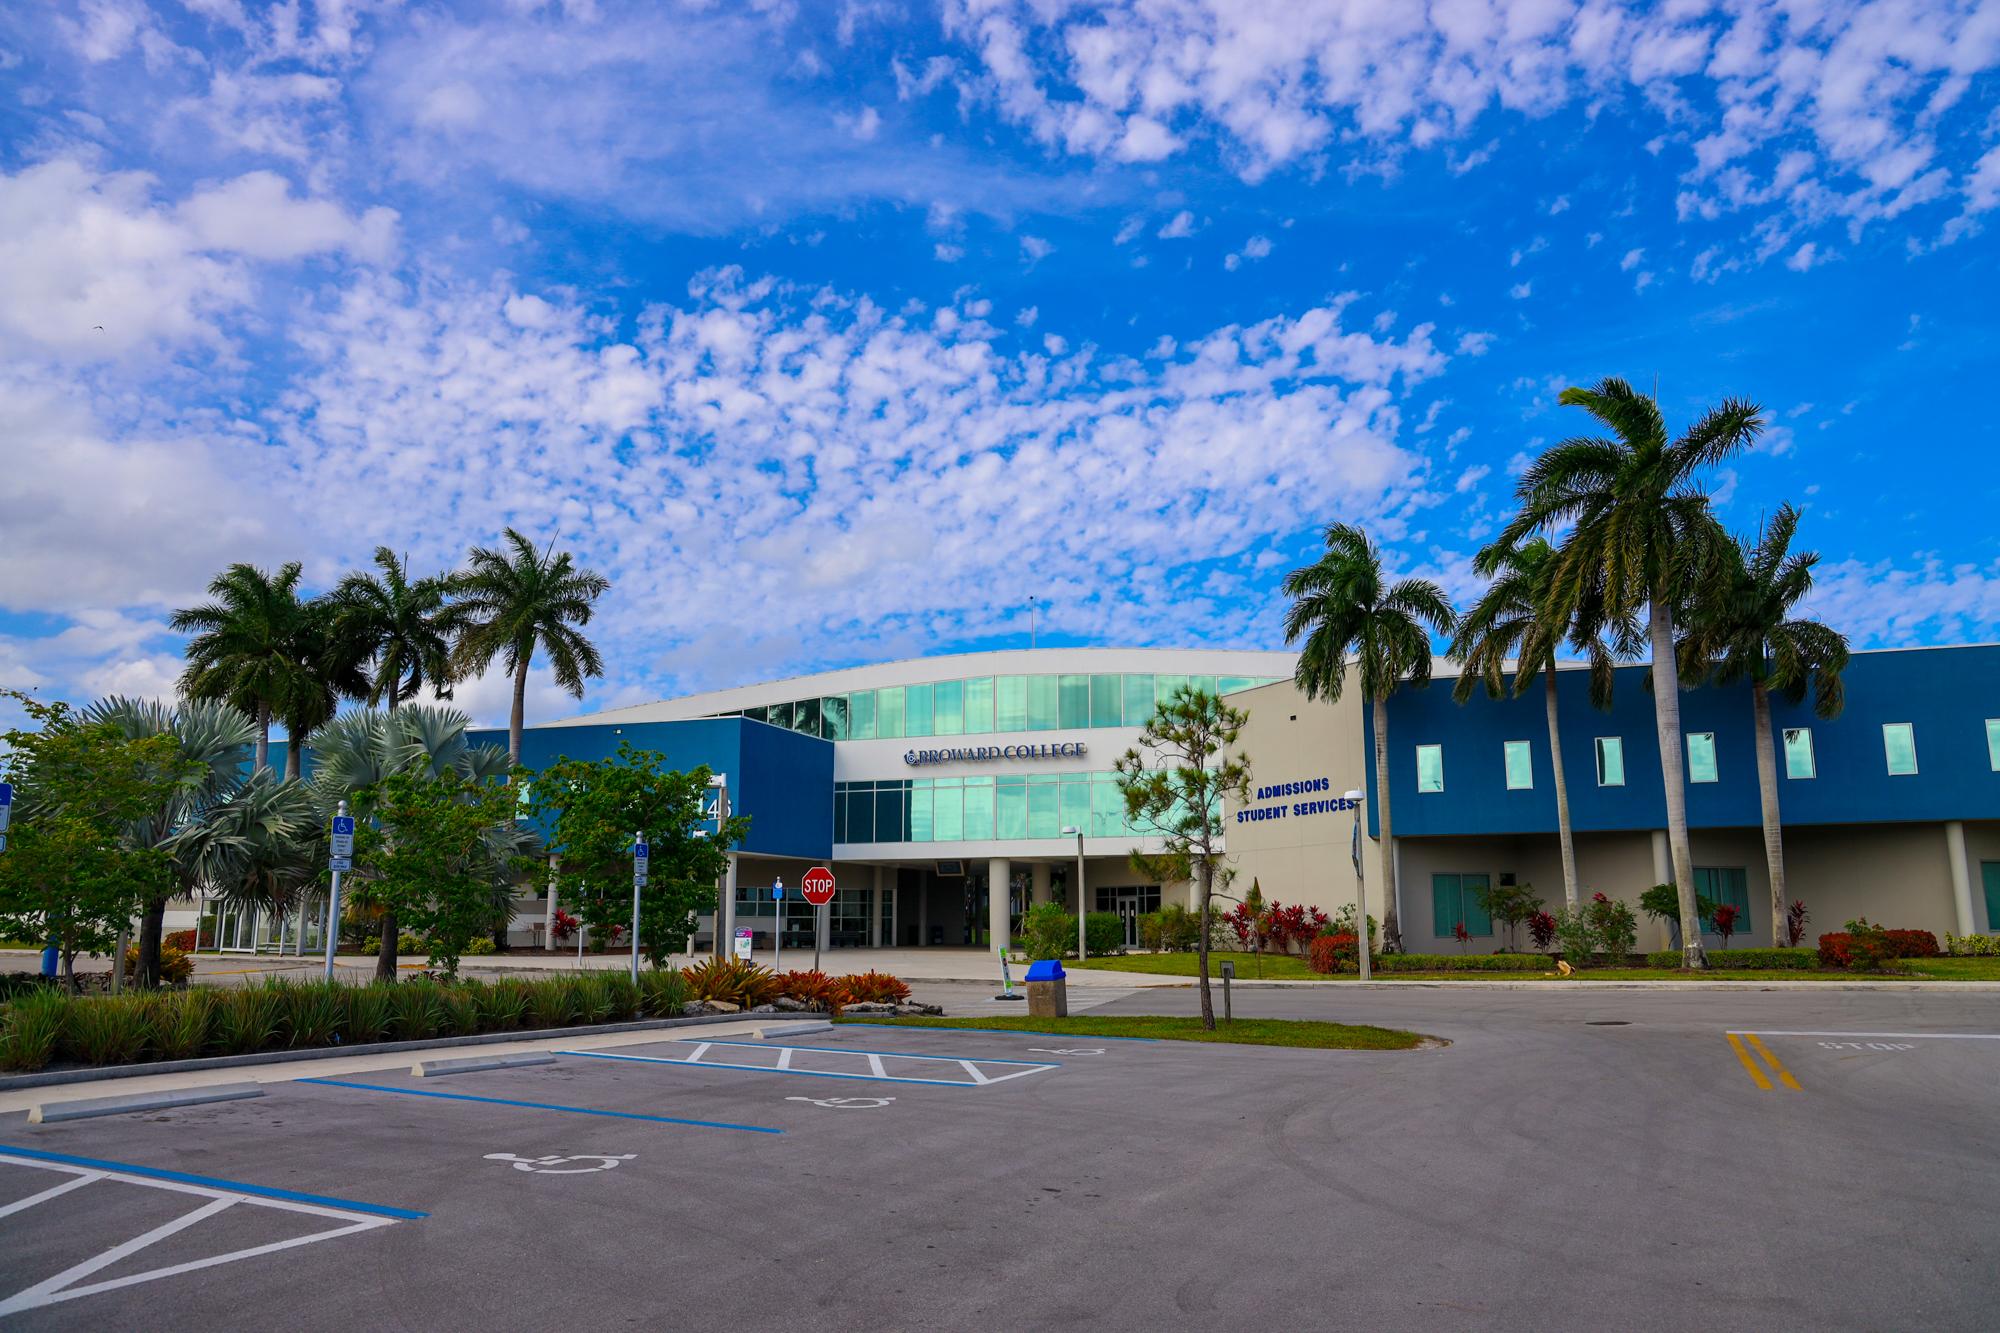 Broward College North Campus